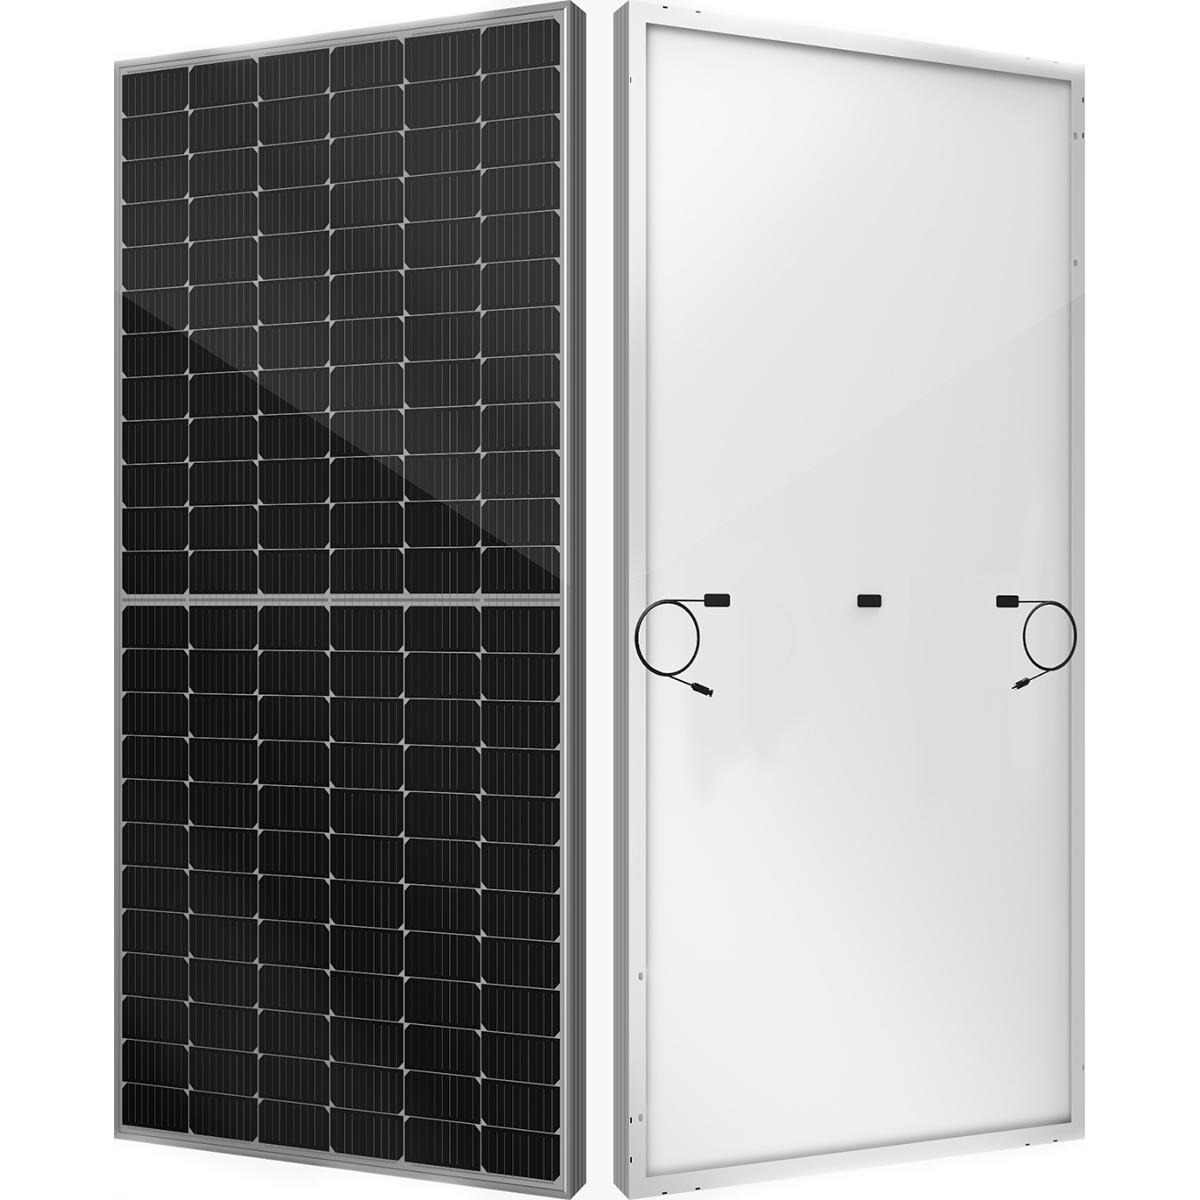 seraphim 445W panel, seraphim 445Watt panel, seraphim 445 W panel, seraphim 445 Watt panel, seraphim 445 Watt monokristal half cut panel, seraphim 445 W watt gunes paneli, seraphim 445 W watt monokristal half cut gunes paneli, seraphim 445 W Watt fotovoltaik monokristal half cut solar panel, seraphim 445W monokristal half cut gunes enerjisi, seraphim SRP-445-BMA-HV panel, SERAPHIM 445 WATT